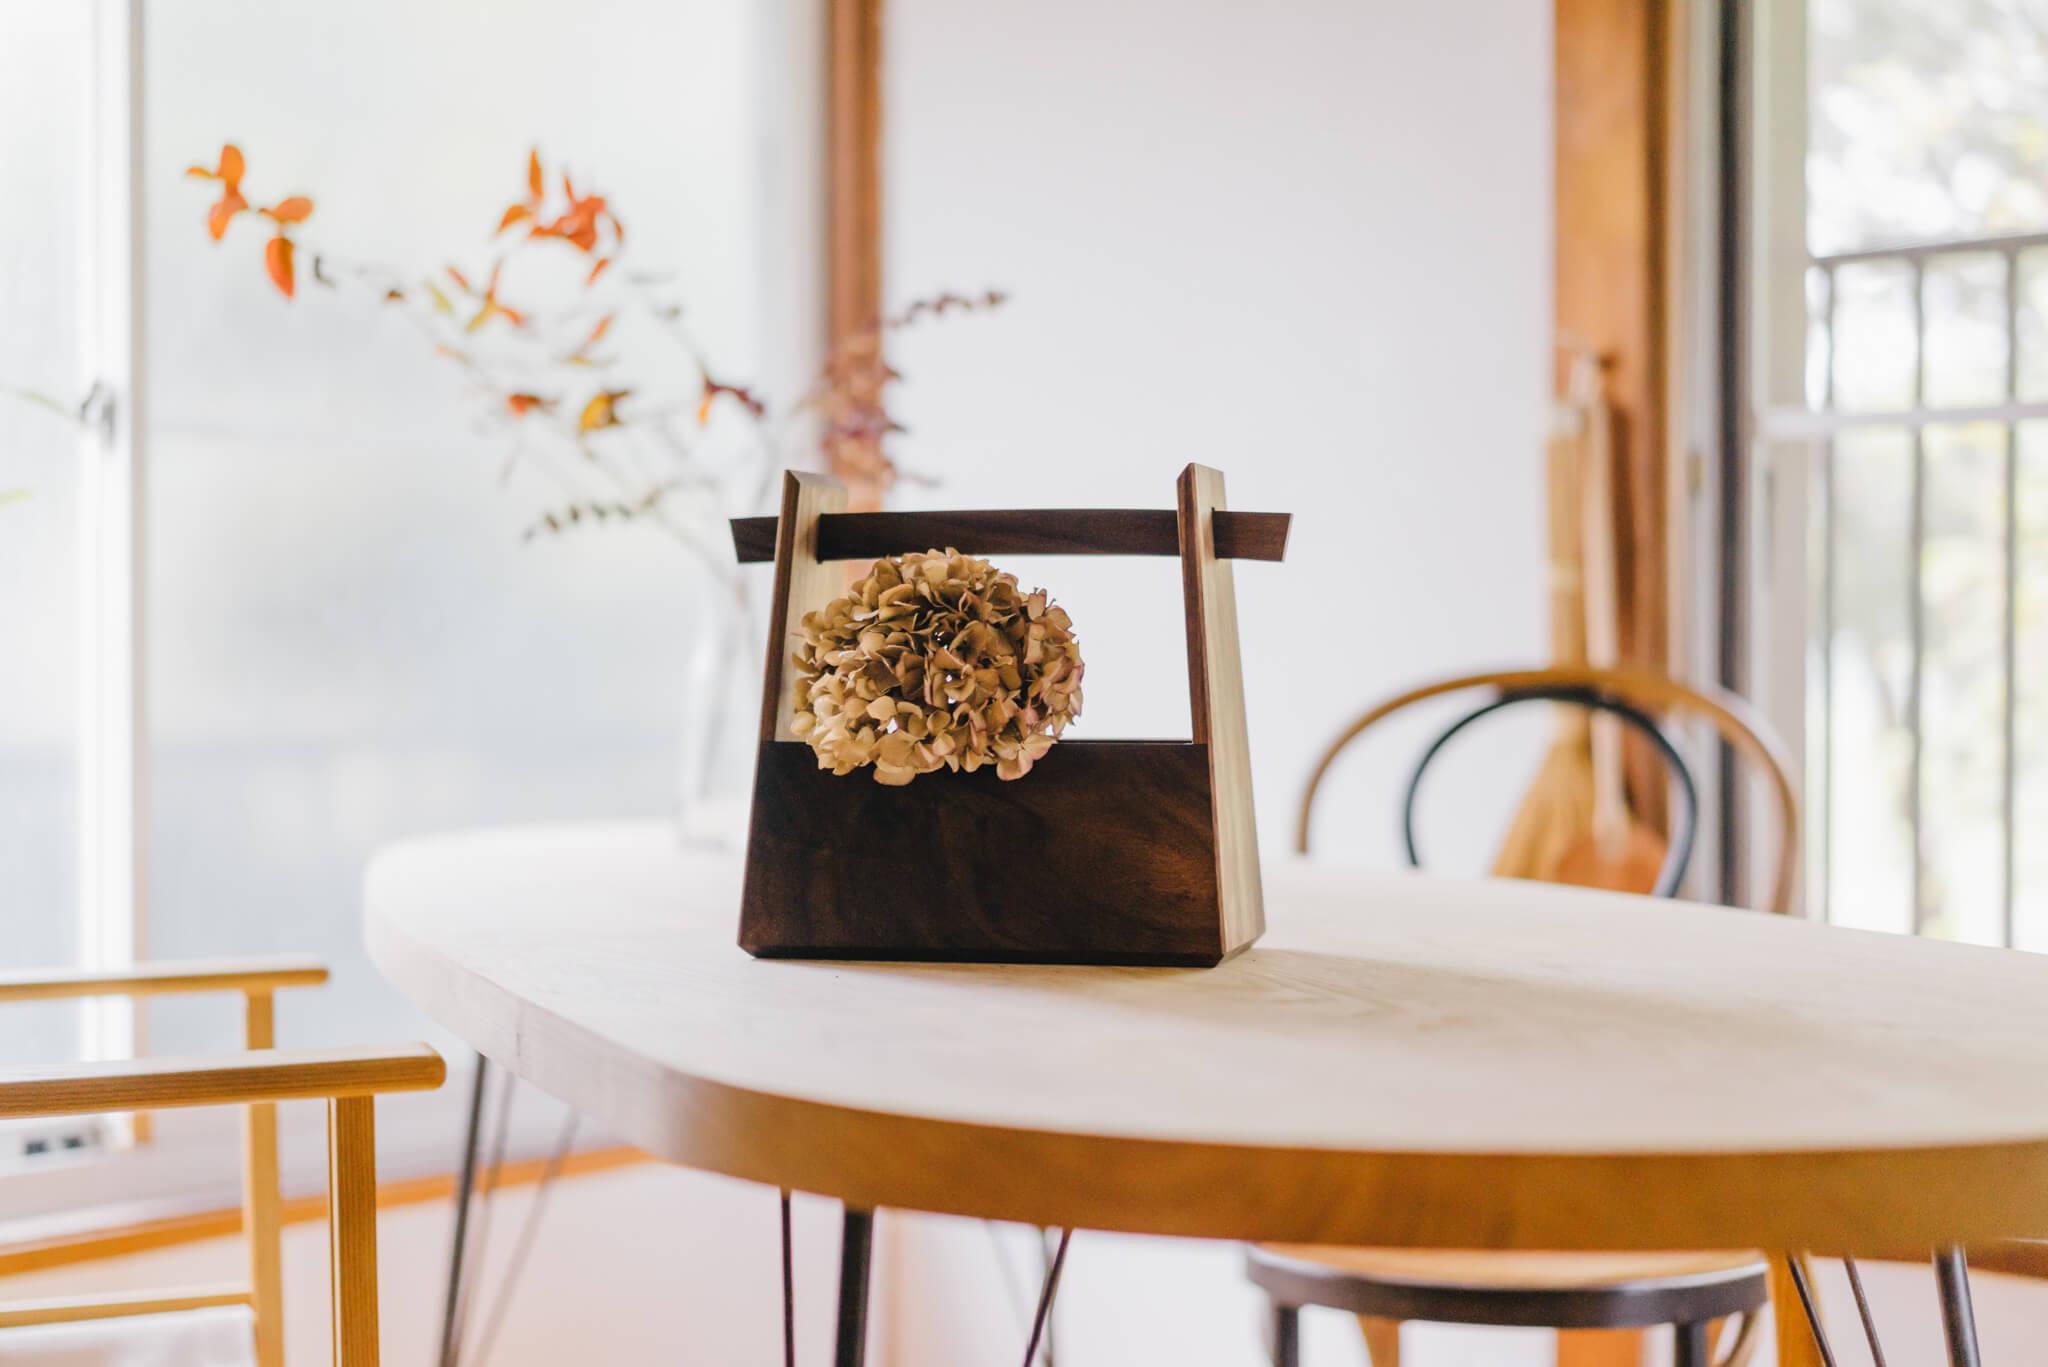 平塚さんの最近のお気に入りは、こちらの花器。花を活けて、持ち運び、場をしつらえるような使い方を想定しているもの。